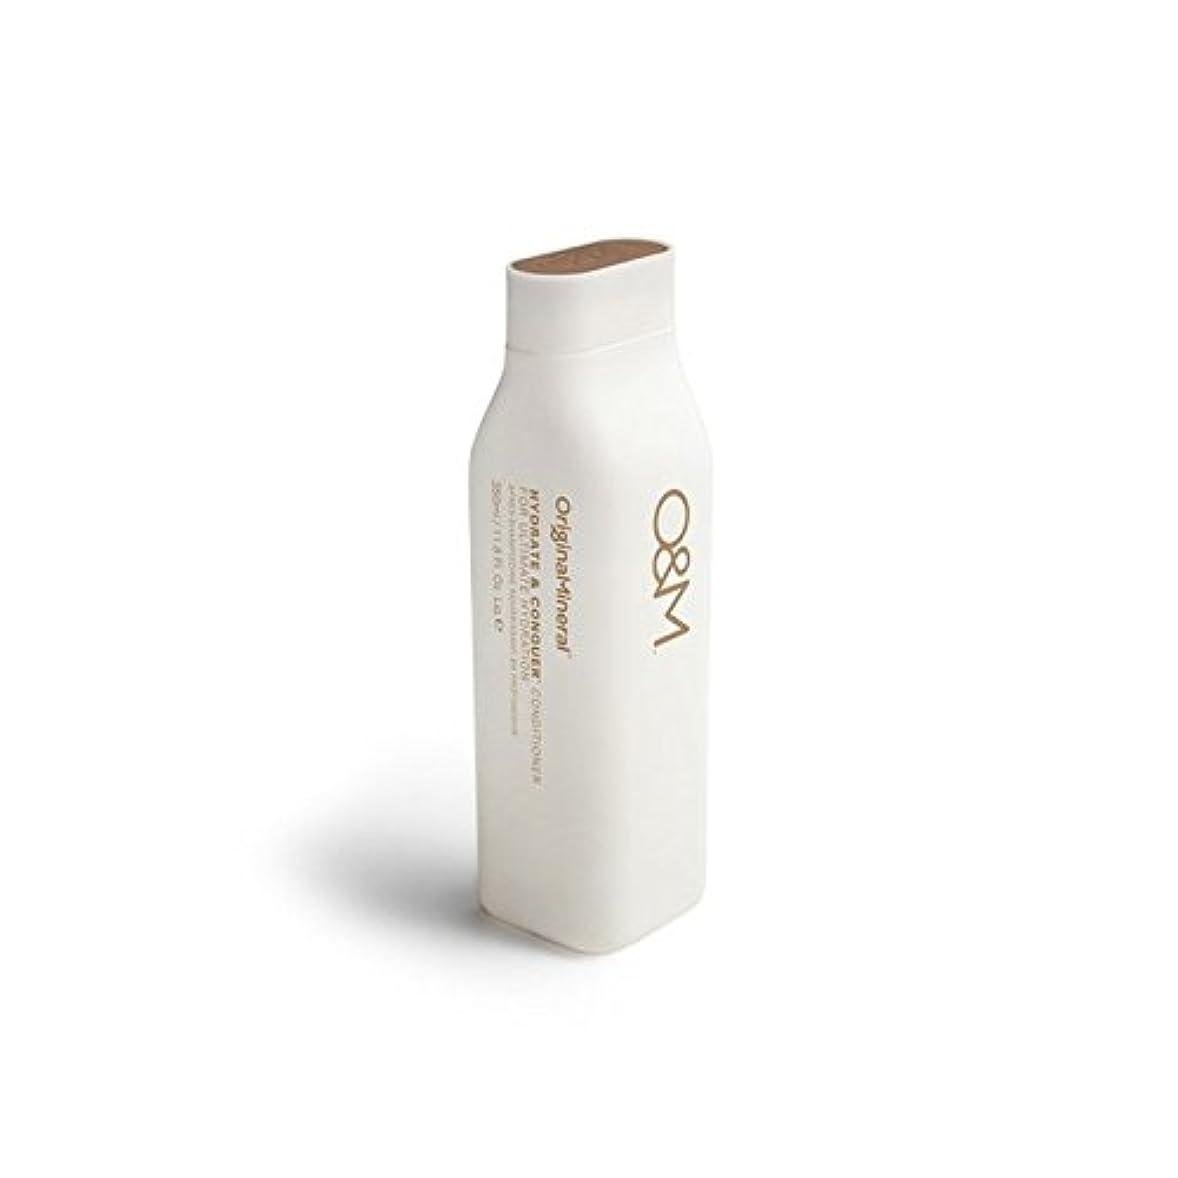 風邪をひくラテンプラスOriginal & Mineral Hydrate And Conquer Conditioner (350ml) - オリジナル&ミネラル水和物及びコンディショナー(350ミリリットル)を征服 [並行輸入品]